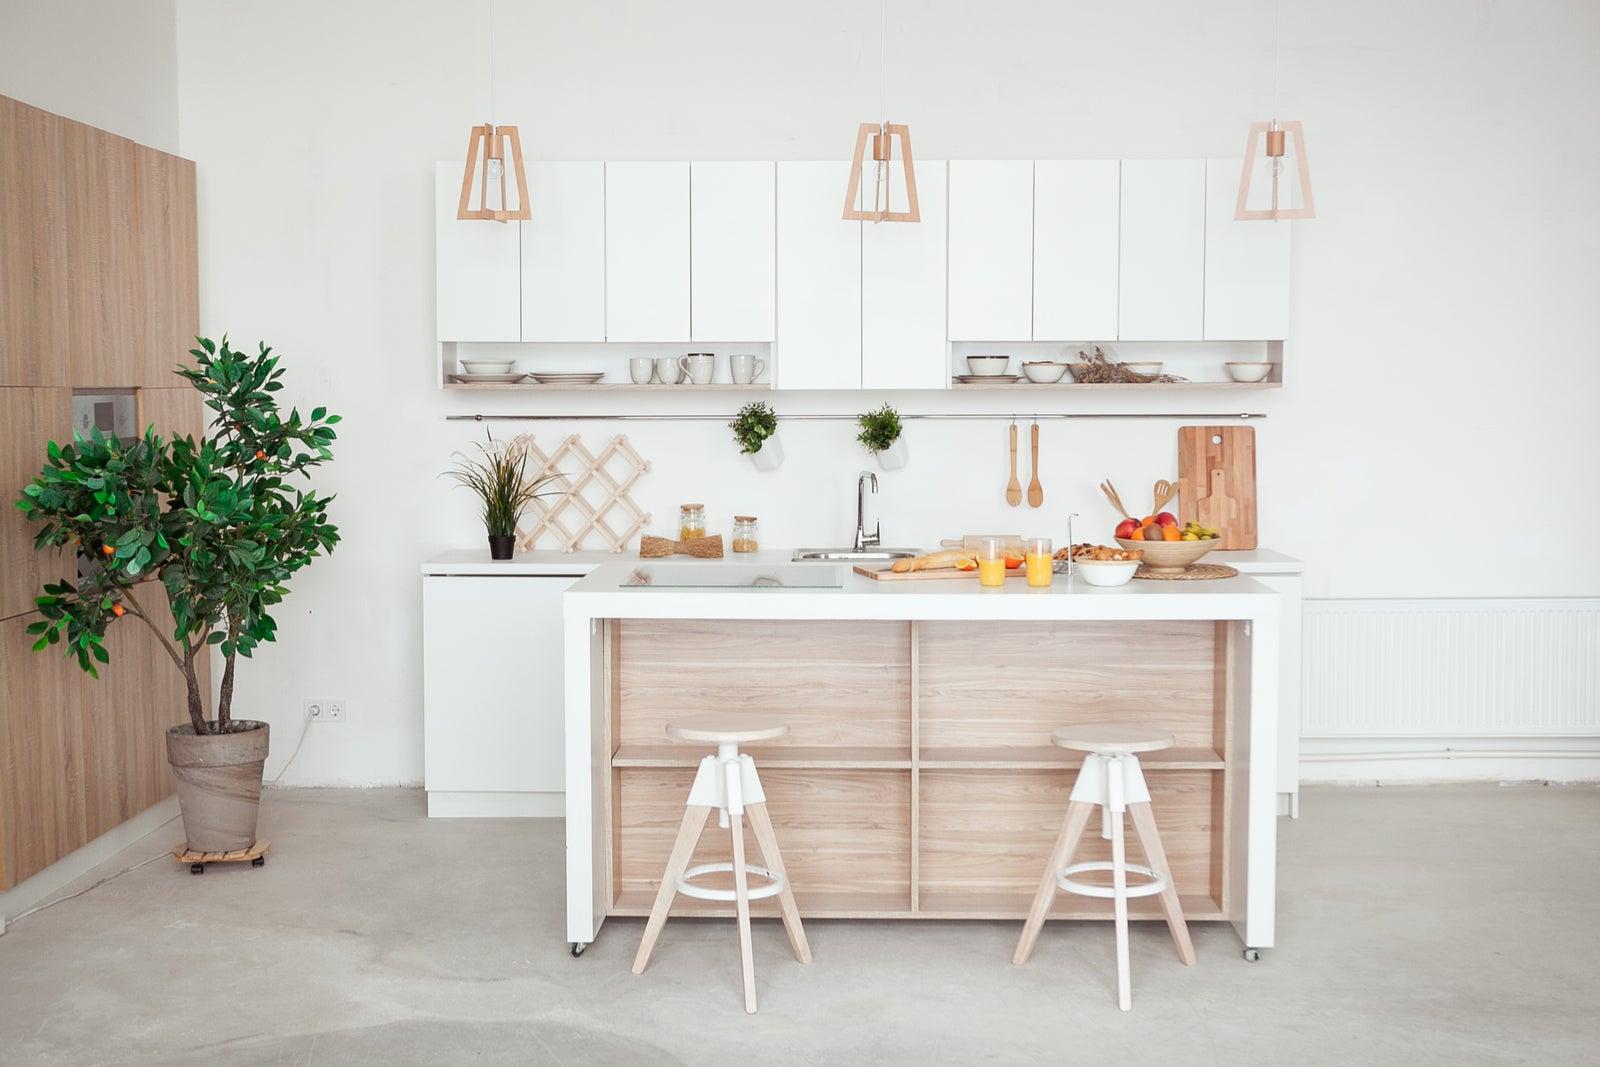 Decorar una cocina en un piso pequeño.